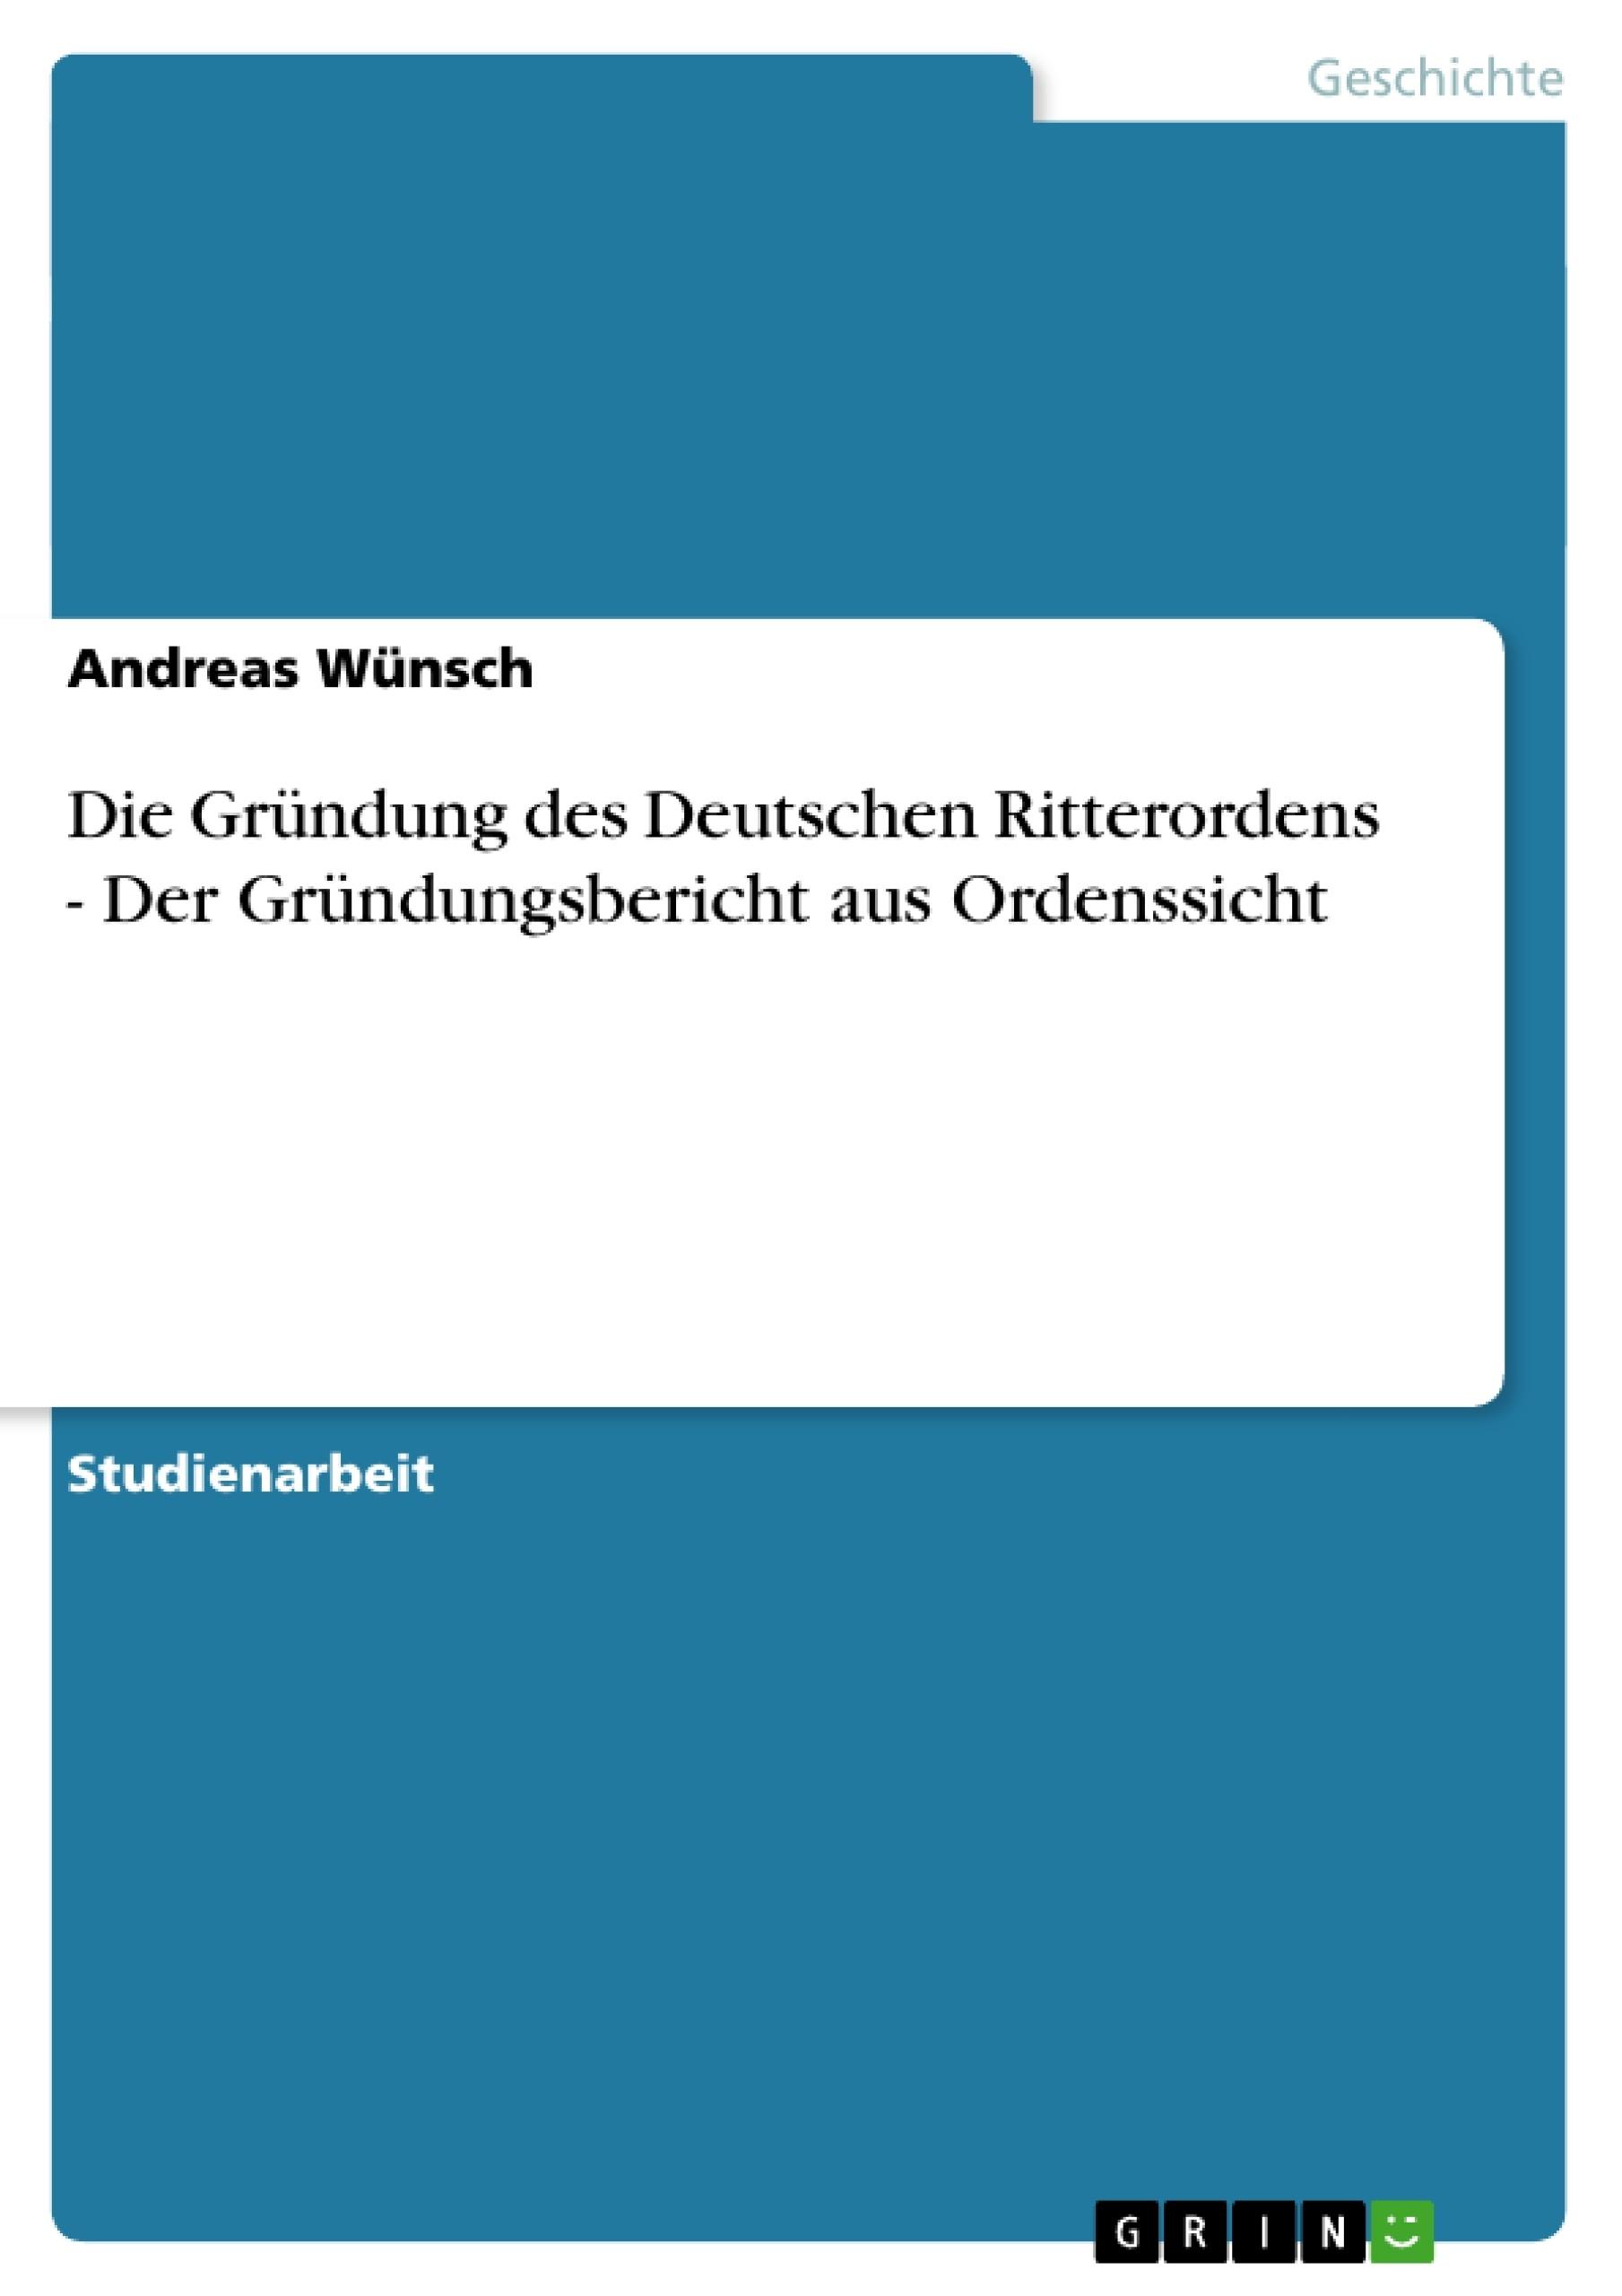 Titel: Die Gründung des Deutschen Ritterordens - Der Gründungsbericht aus Ordenssicht